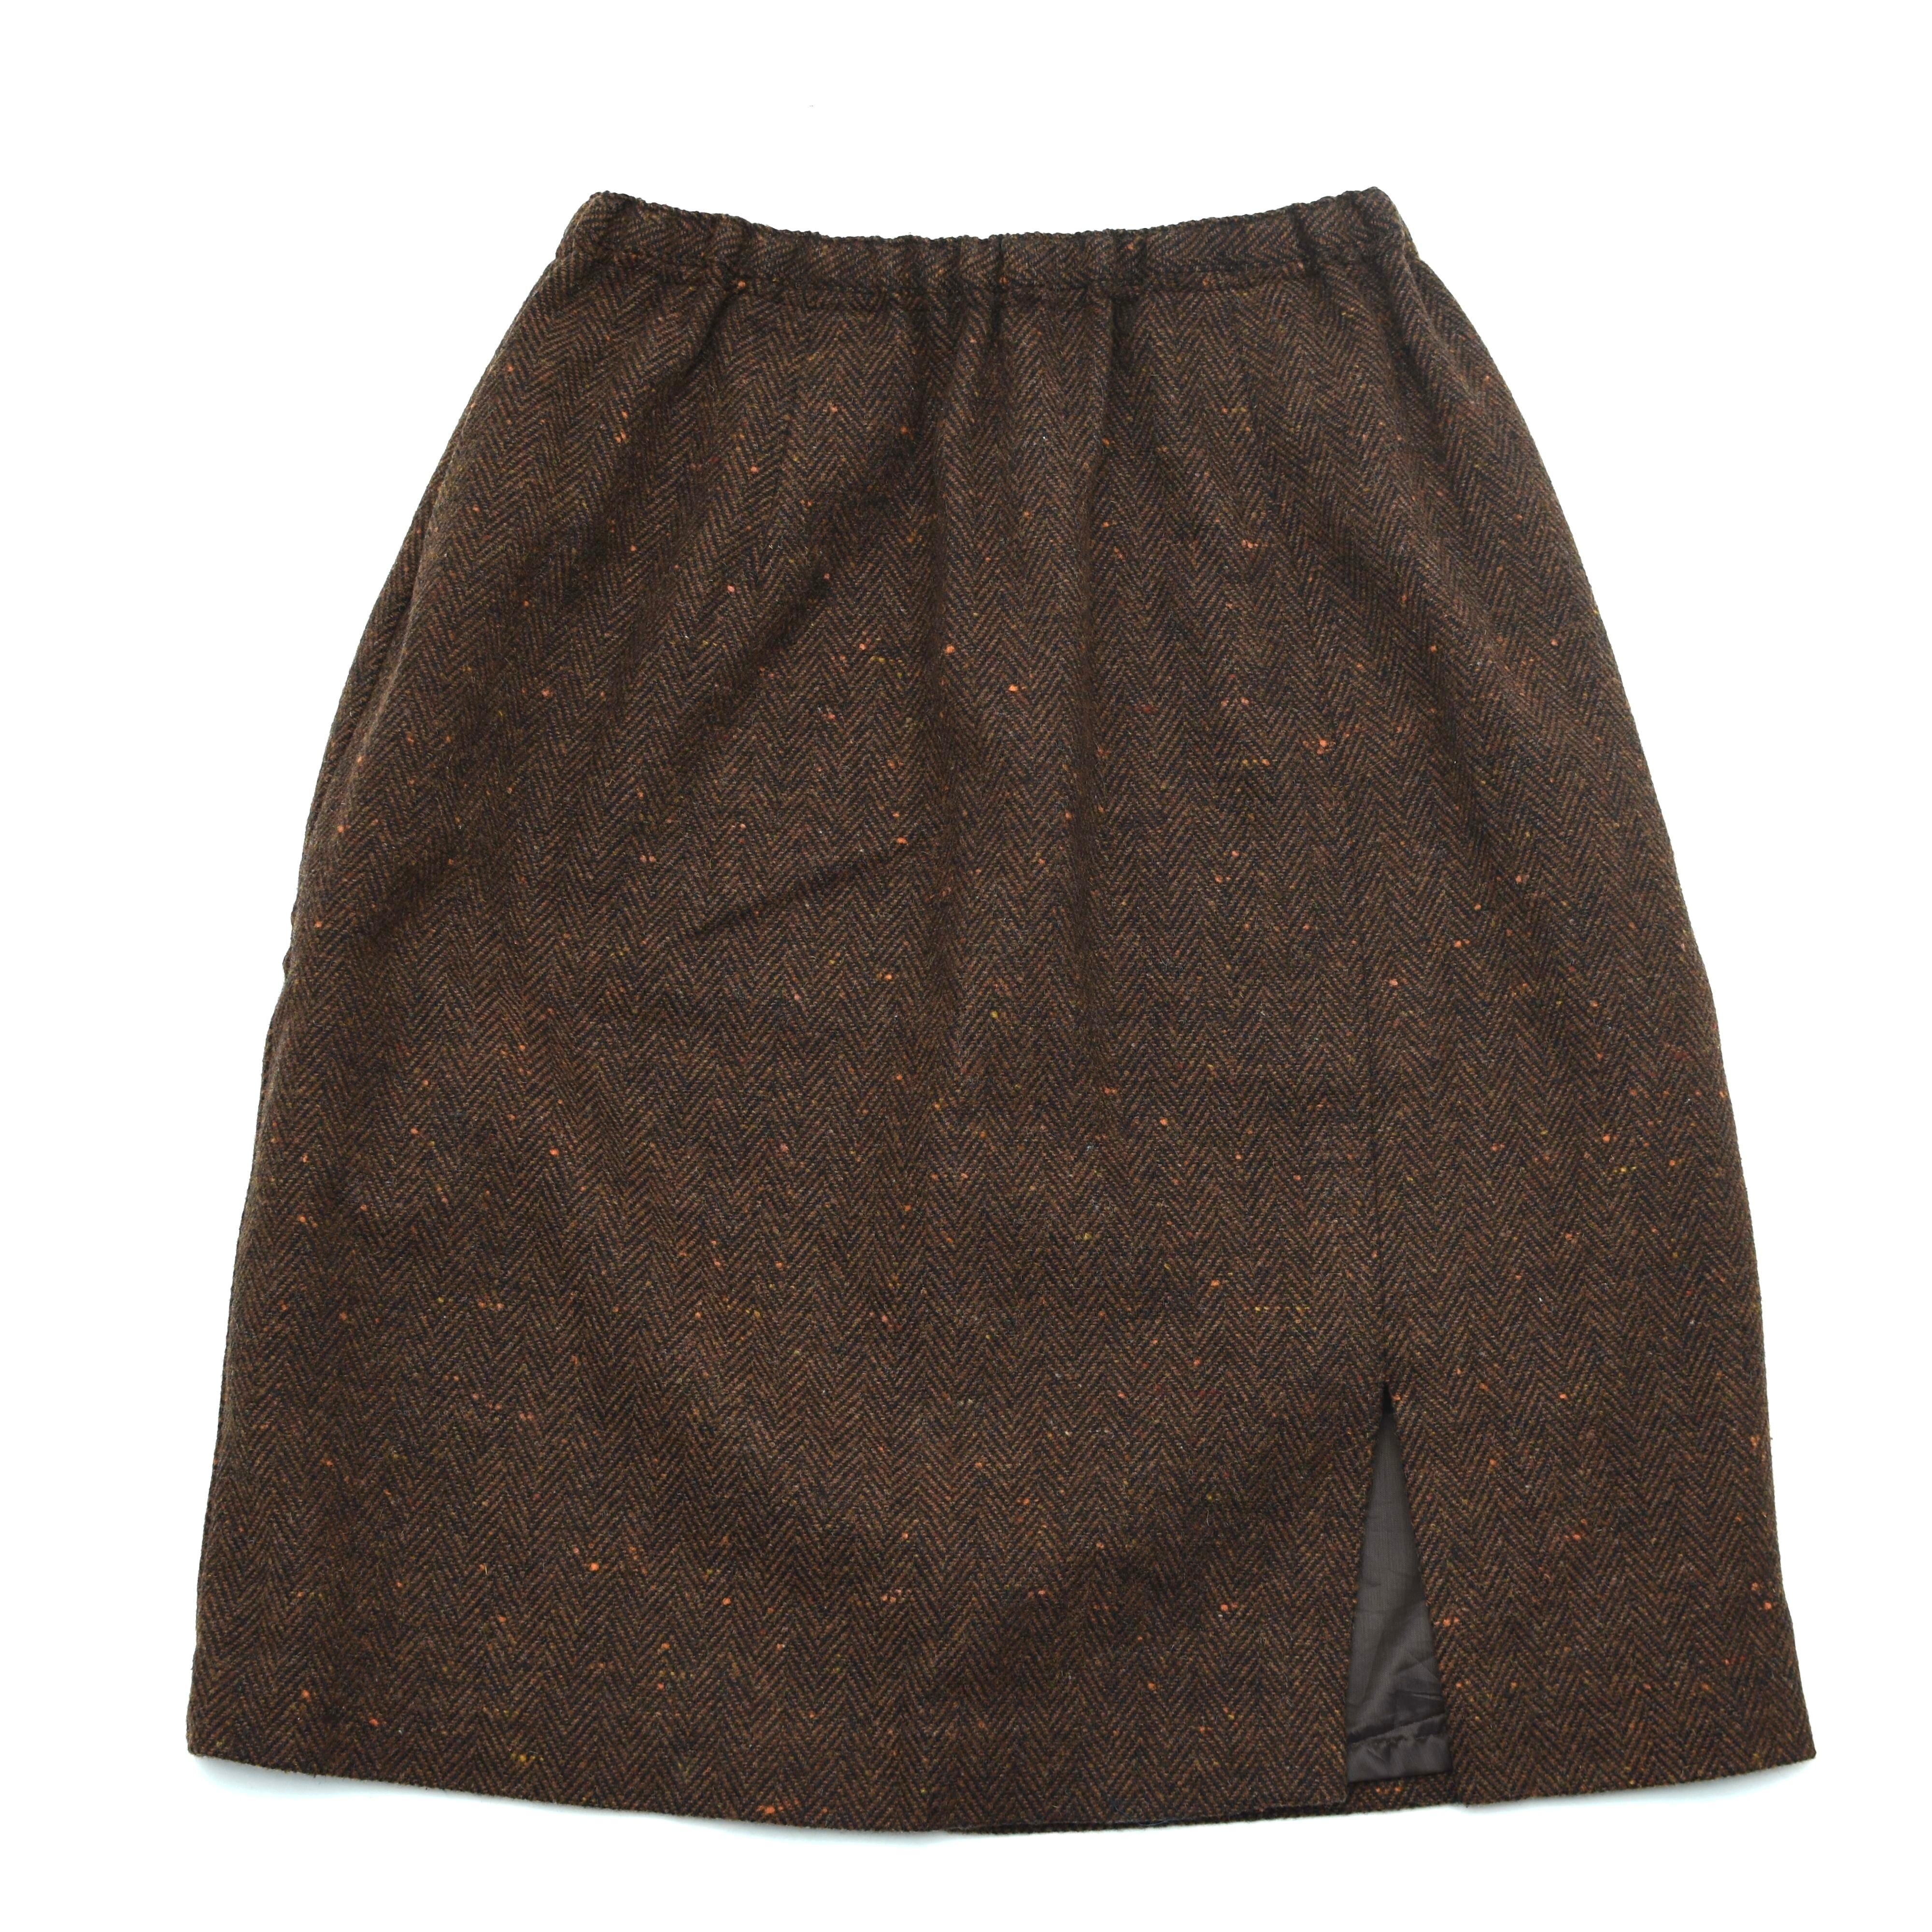 Herringbone color nep wool tight skirt